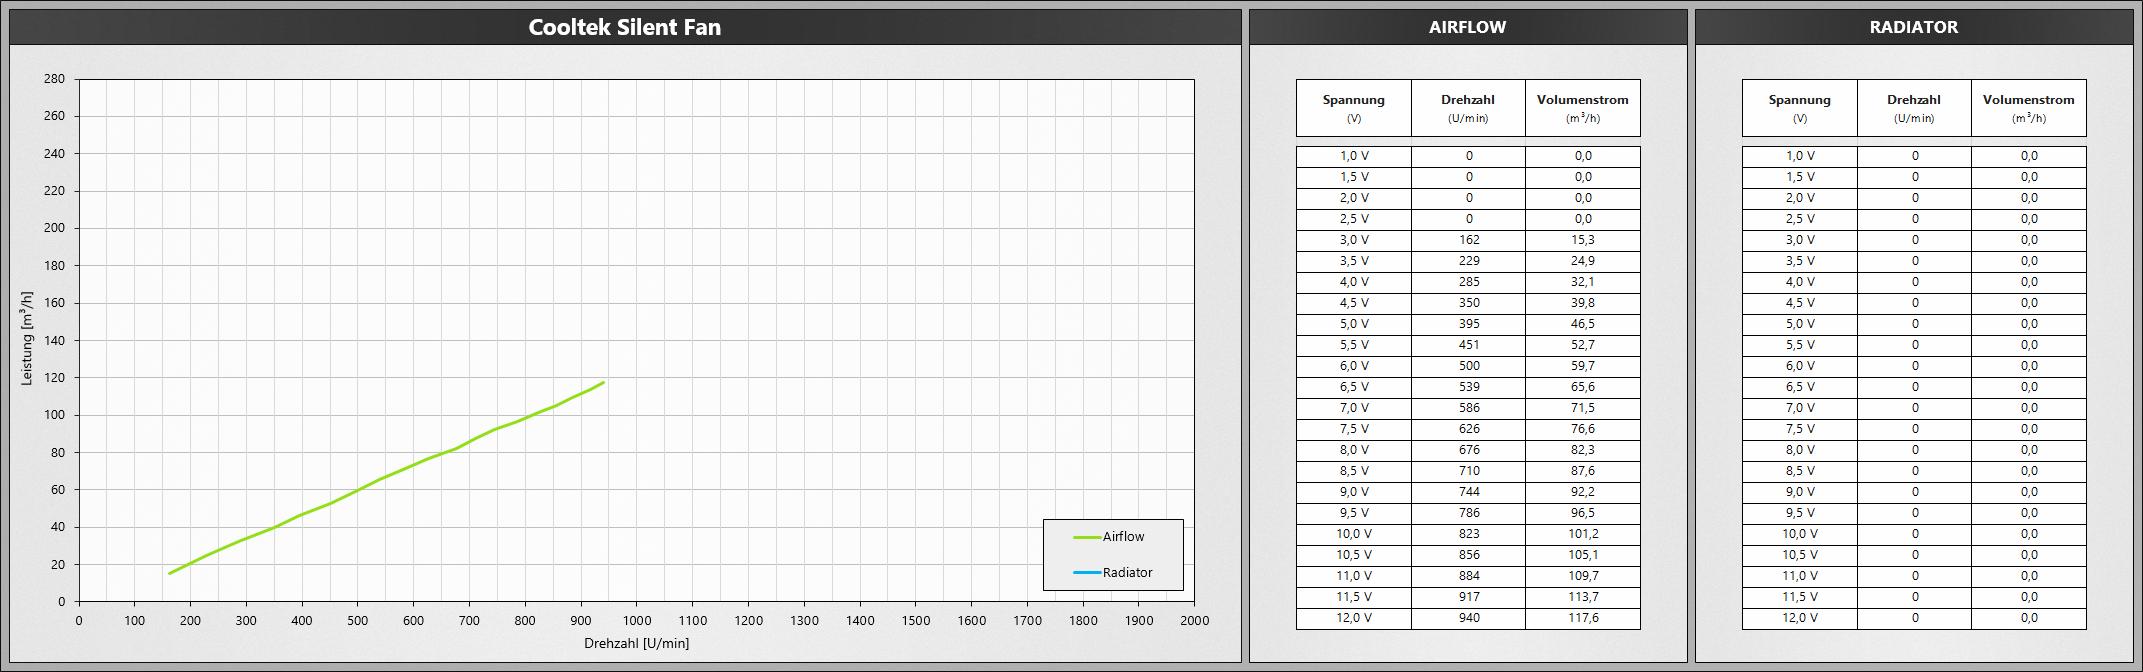 Klicken Sie auf die Grafik für eine größere Ansicht  Name:CooltekSilentFan.png Hits:666 Größe:465,4 KB ID:1074743